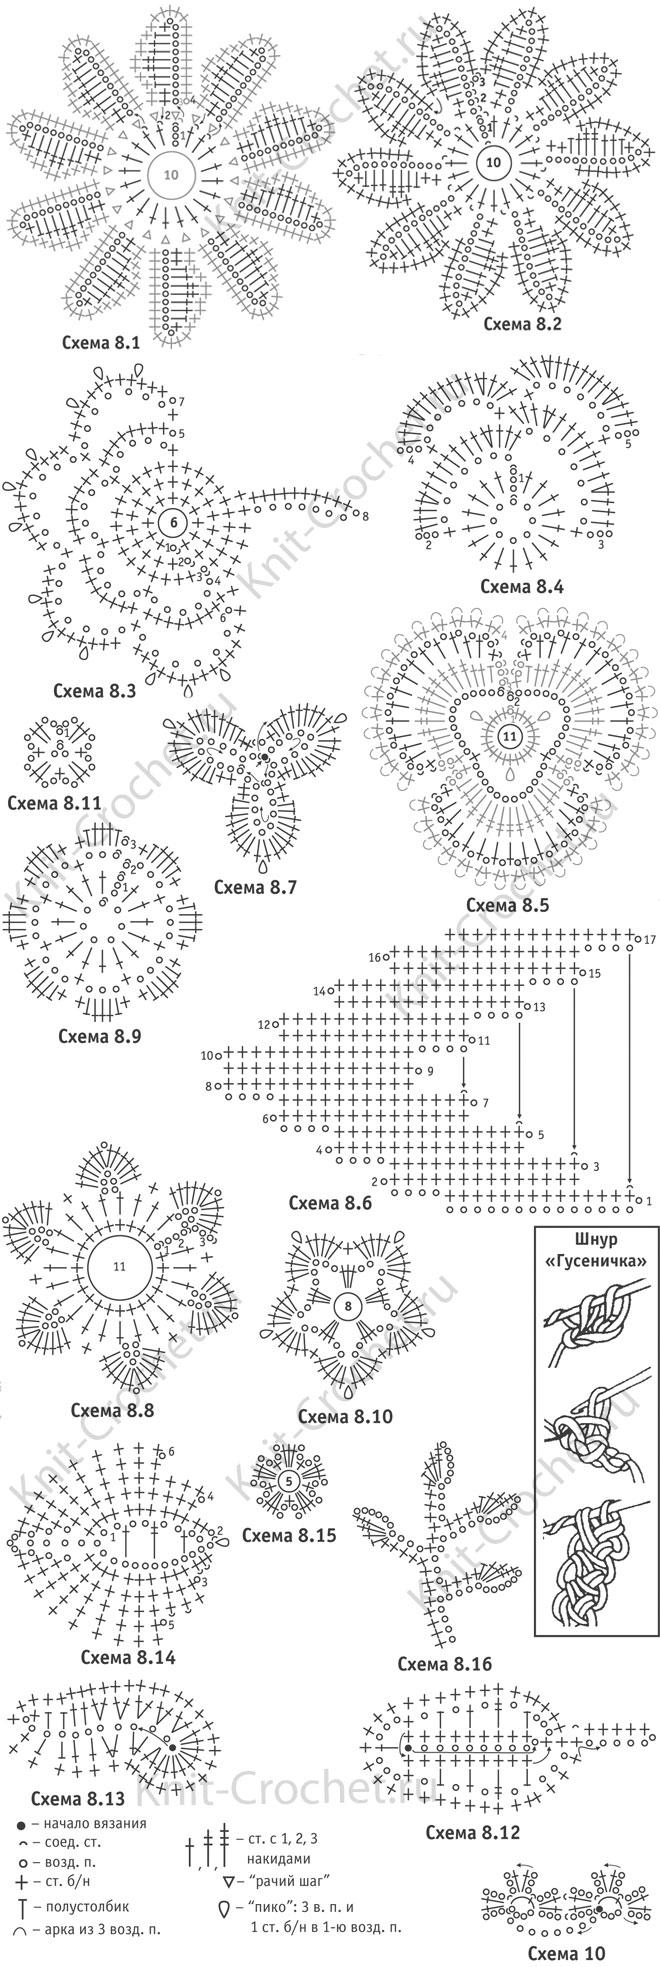 Схемы мотивов «Ромашка» с описанием вязания крючком женского топа, кардигана и детского платья в ирландской технике.